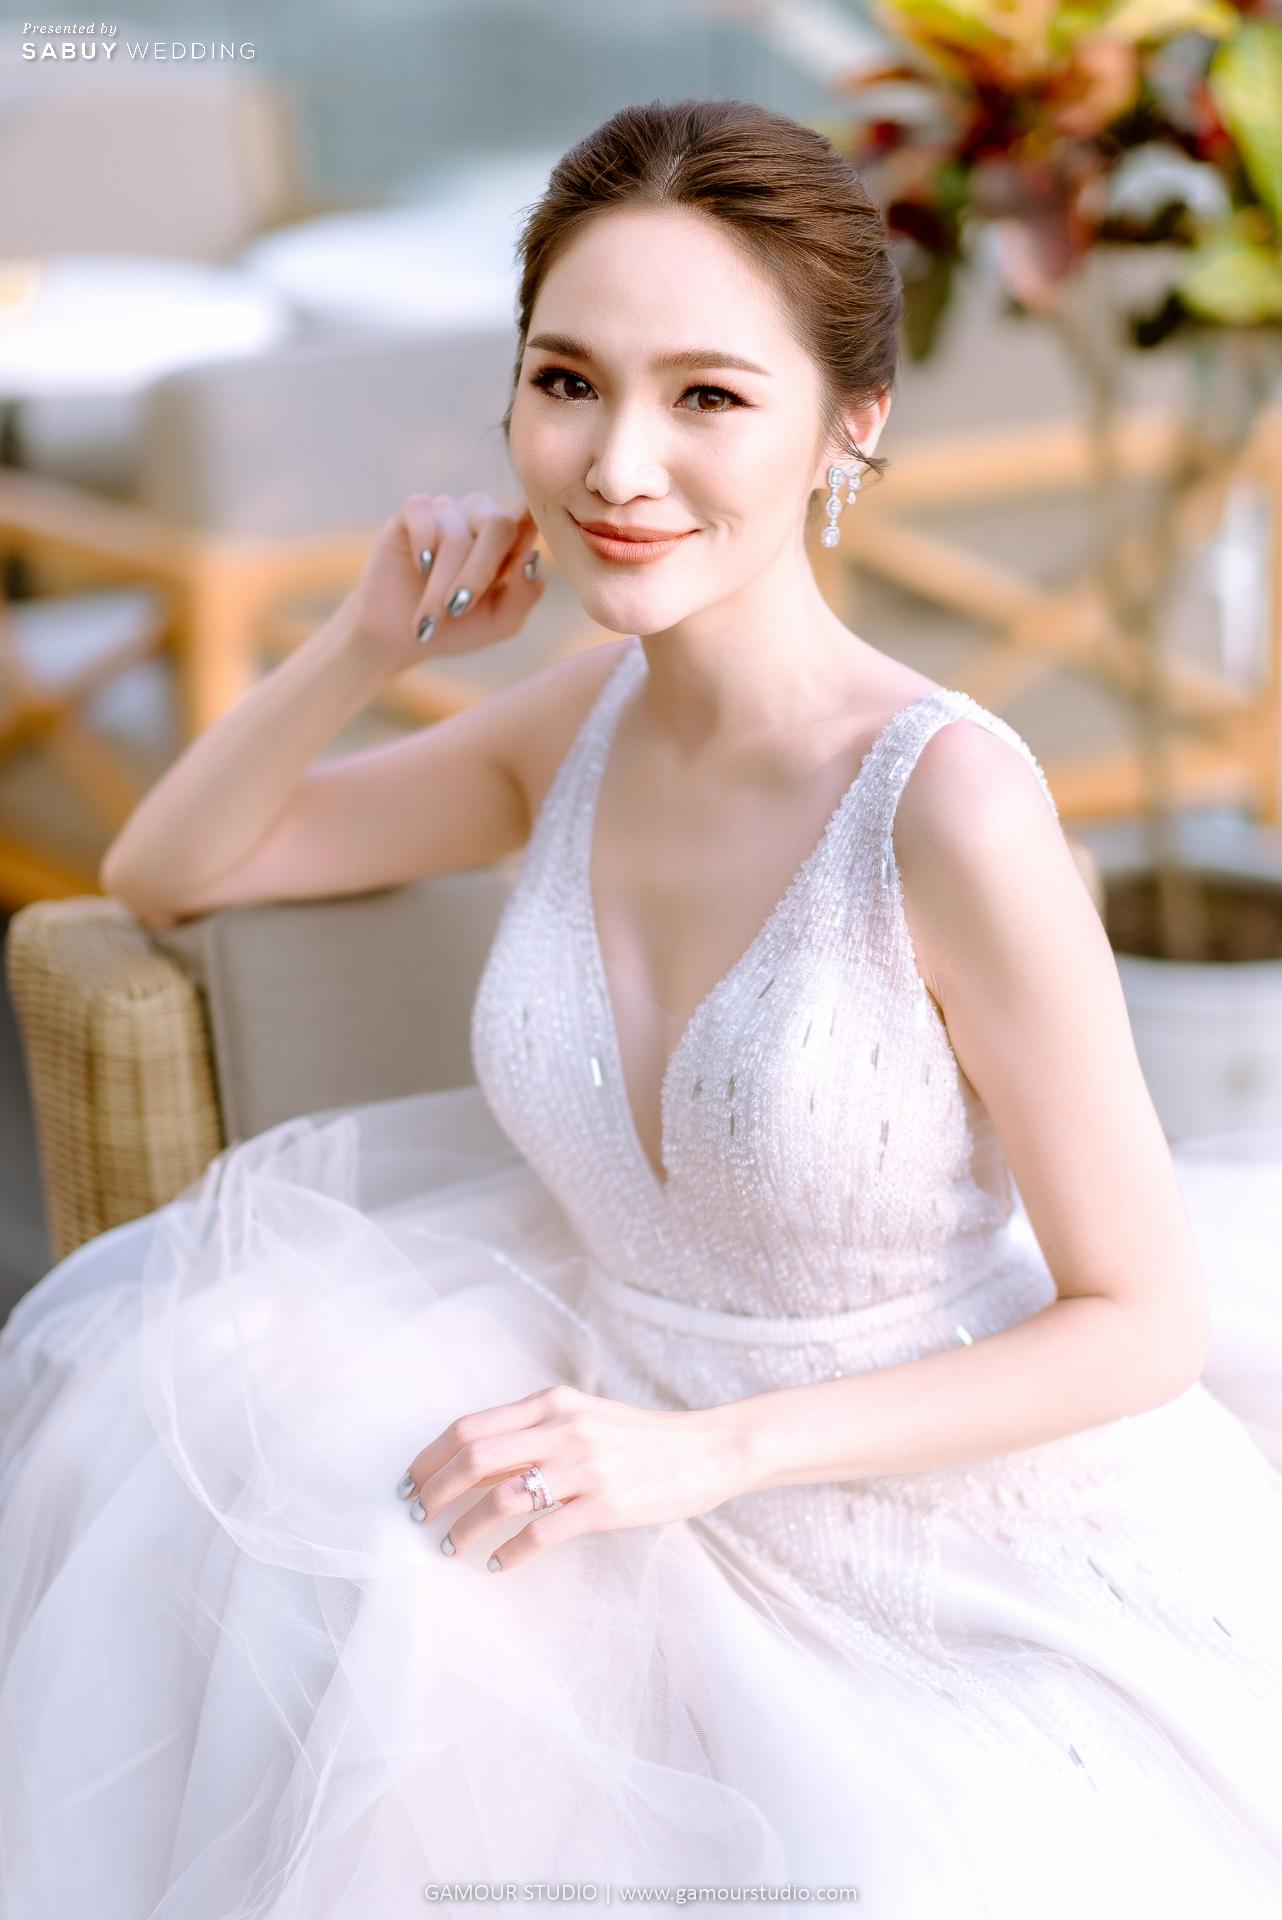 เจ้าสาว,ชุดแต่งงาน,ชุดเจ้าสาว รีวิวงานแต่งมินิมอลสไตล์ สวยสบายตาด้วยโทนสีขาวคลีน @ Sofitel Bangkok Sukhumvit